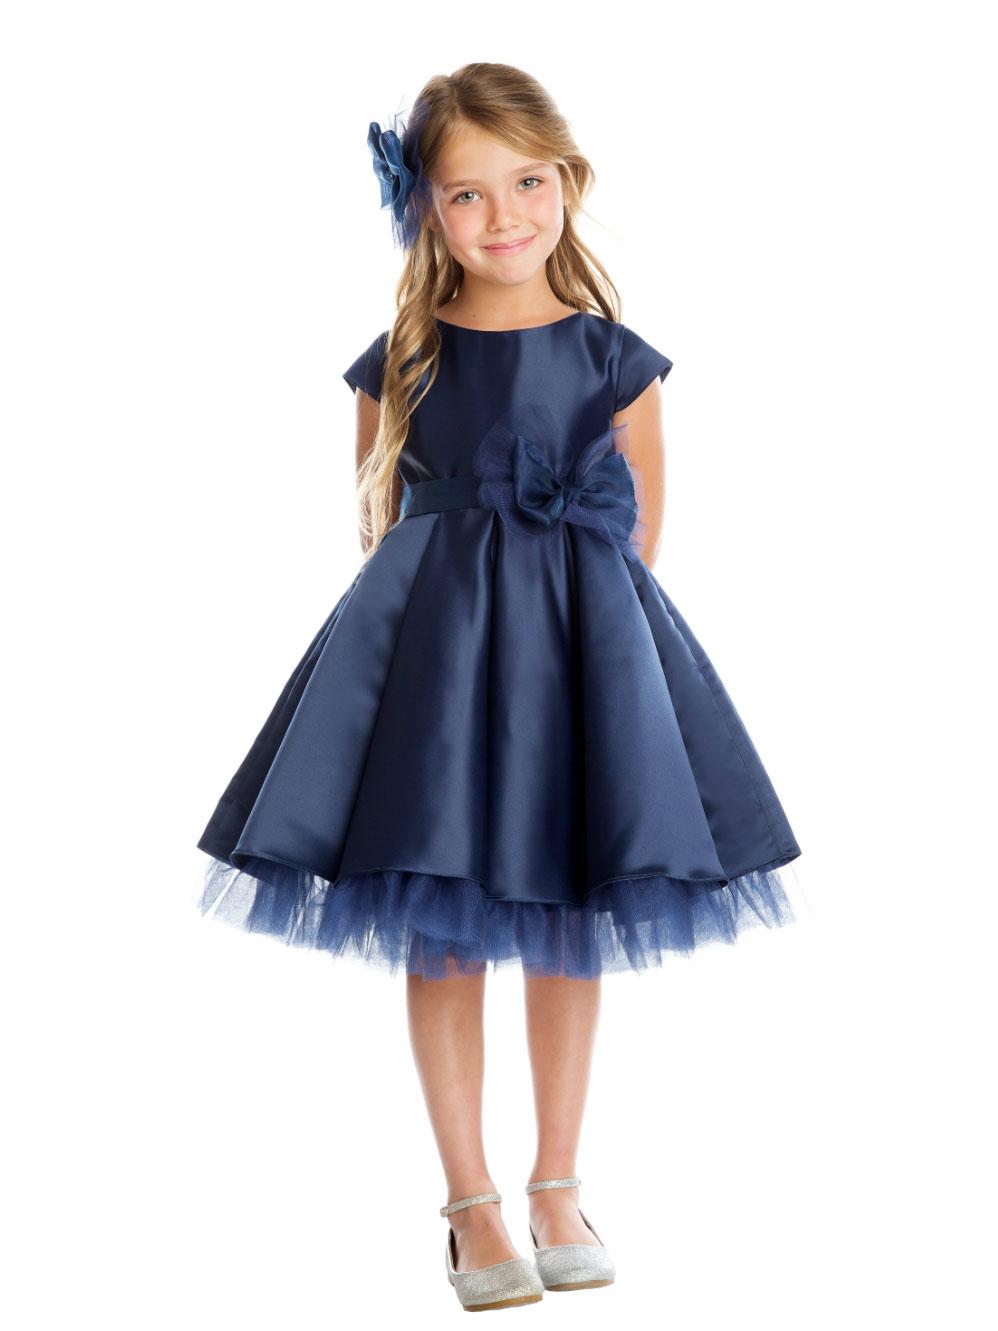 Sk 711nv Girls Dress Style 711 Navy Cap Sleeved All